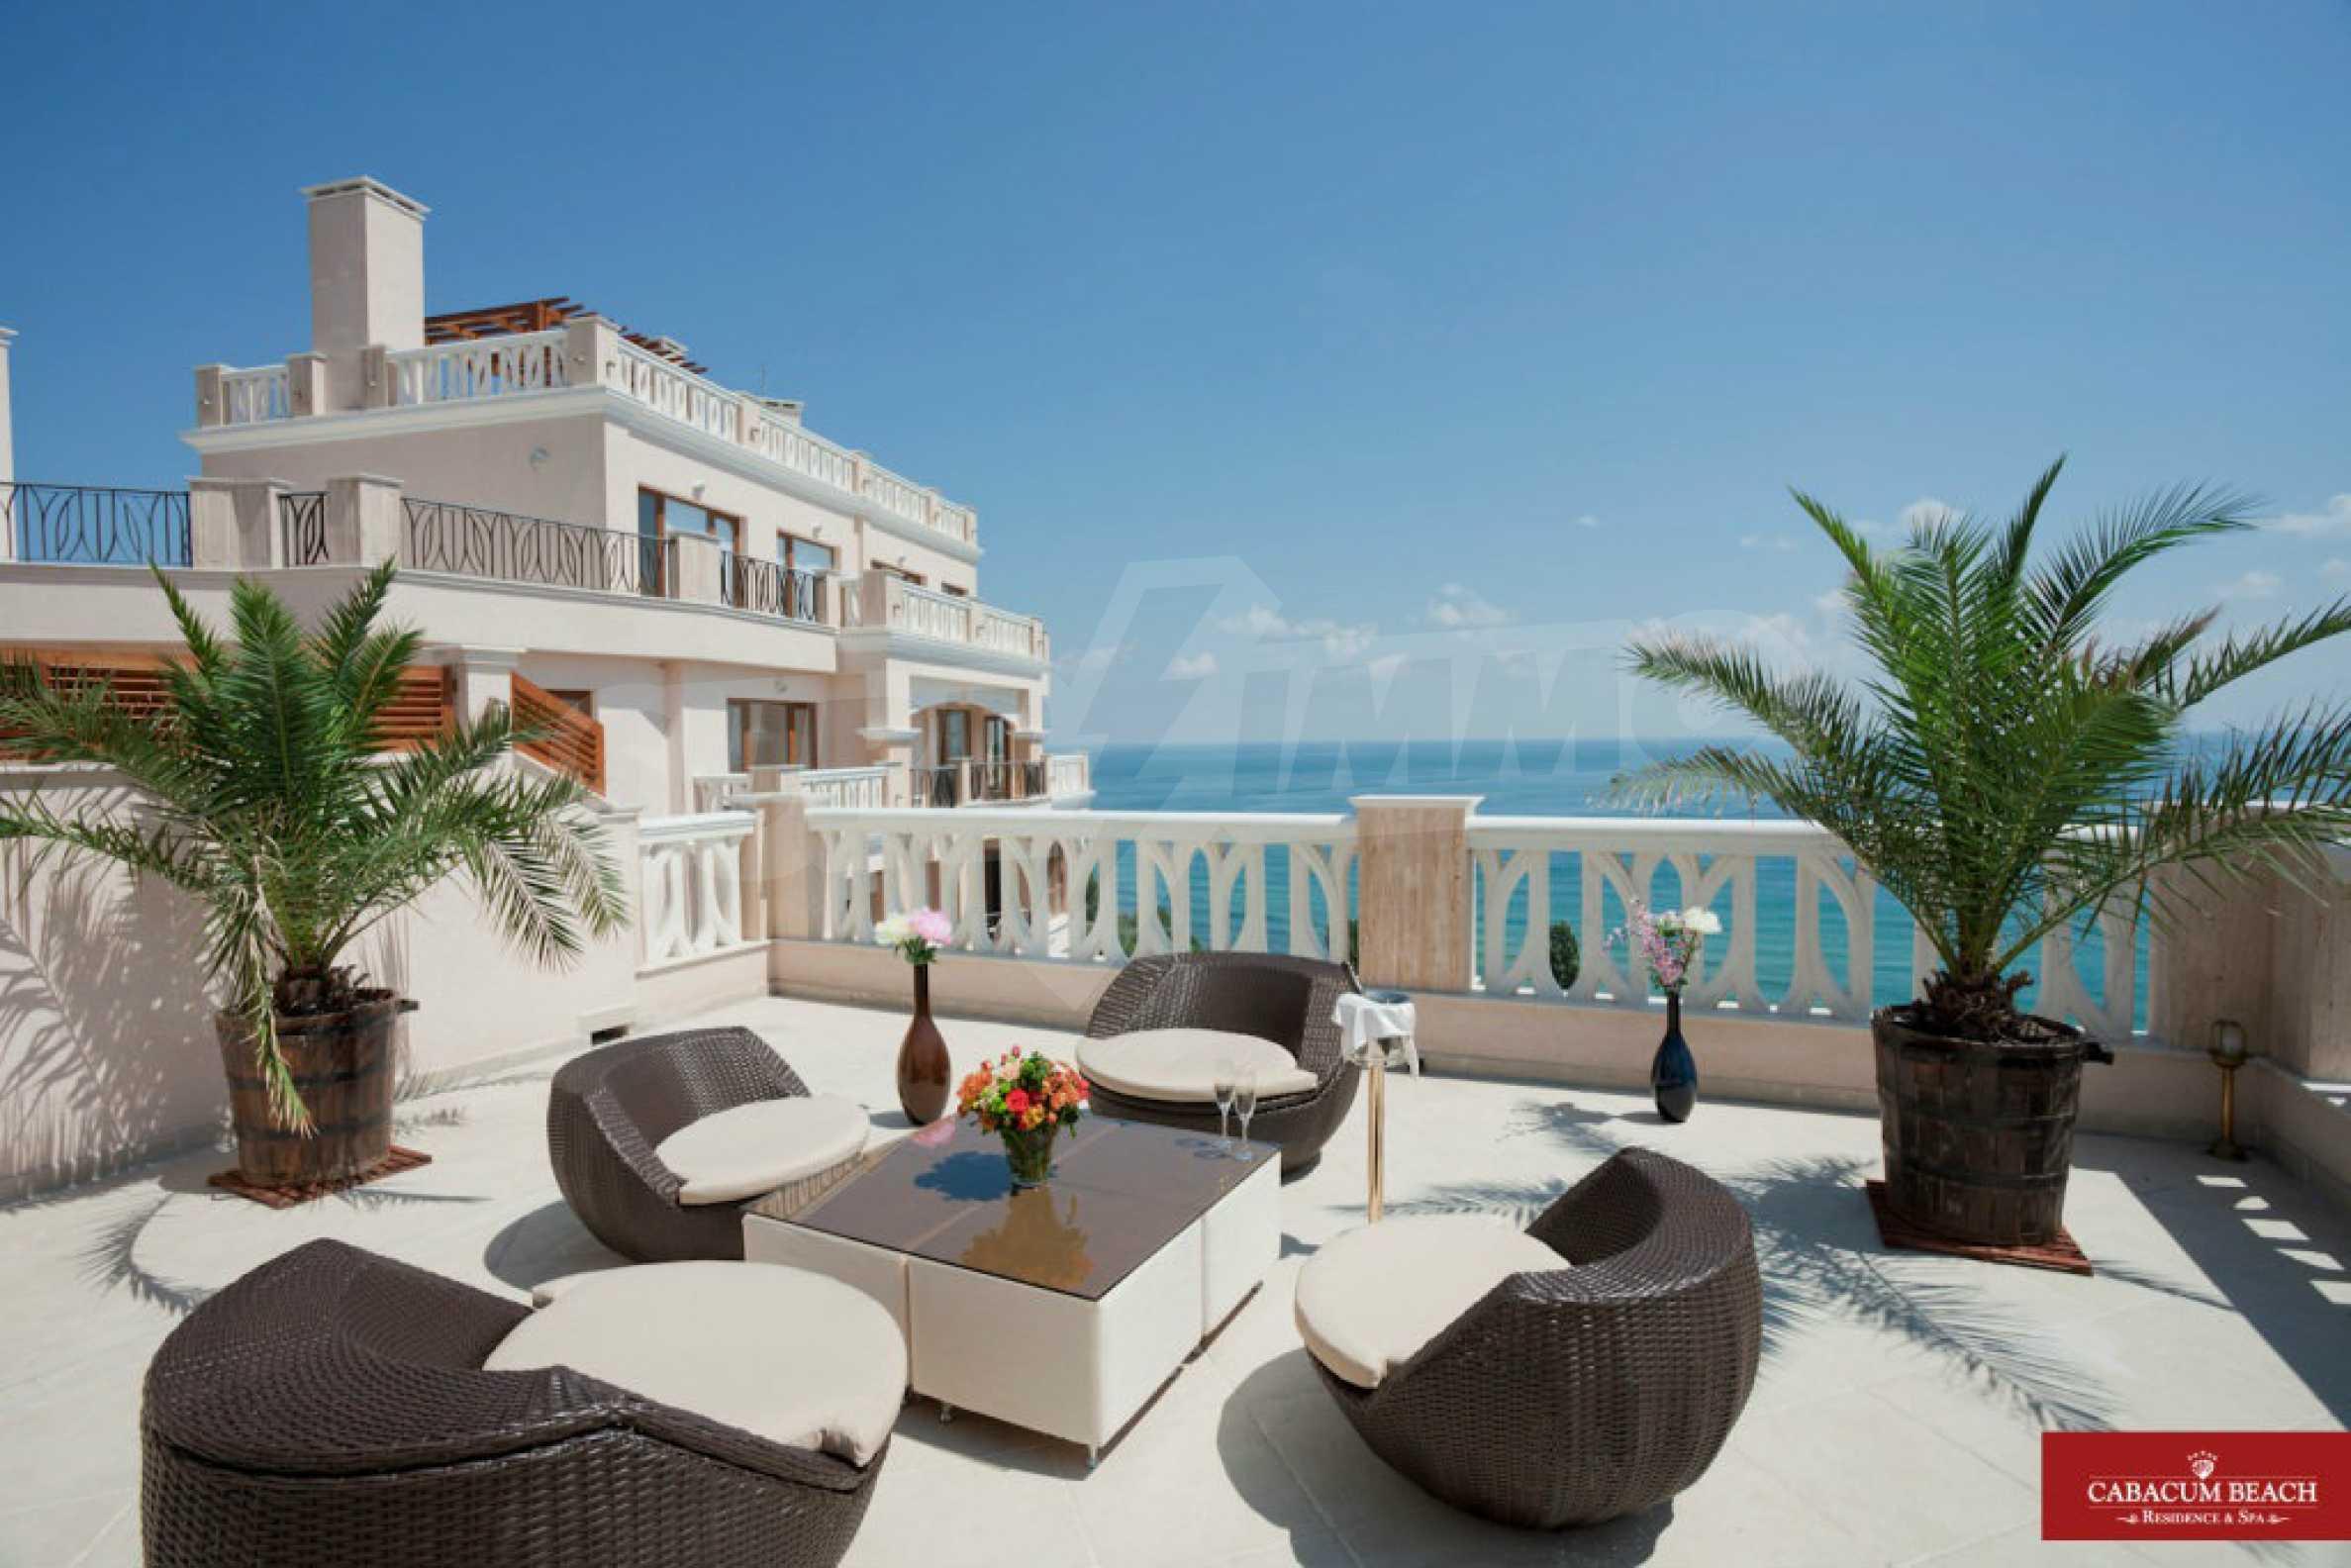 Two-bedroom apartment near Golden Sands resort 4